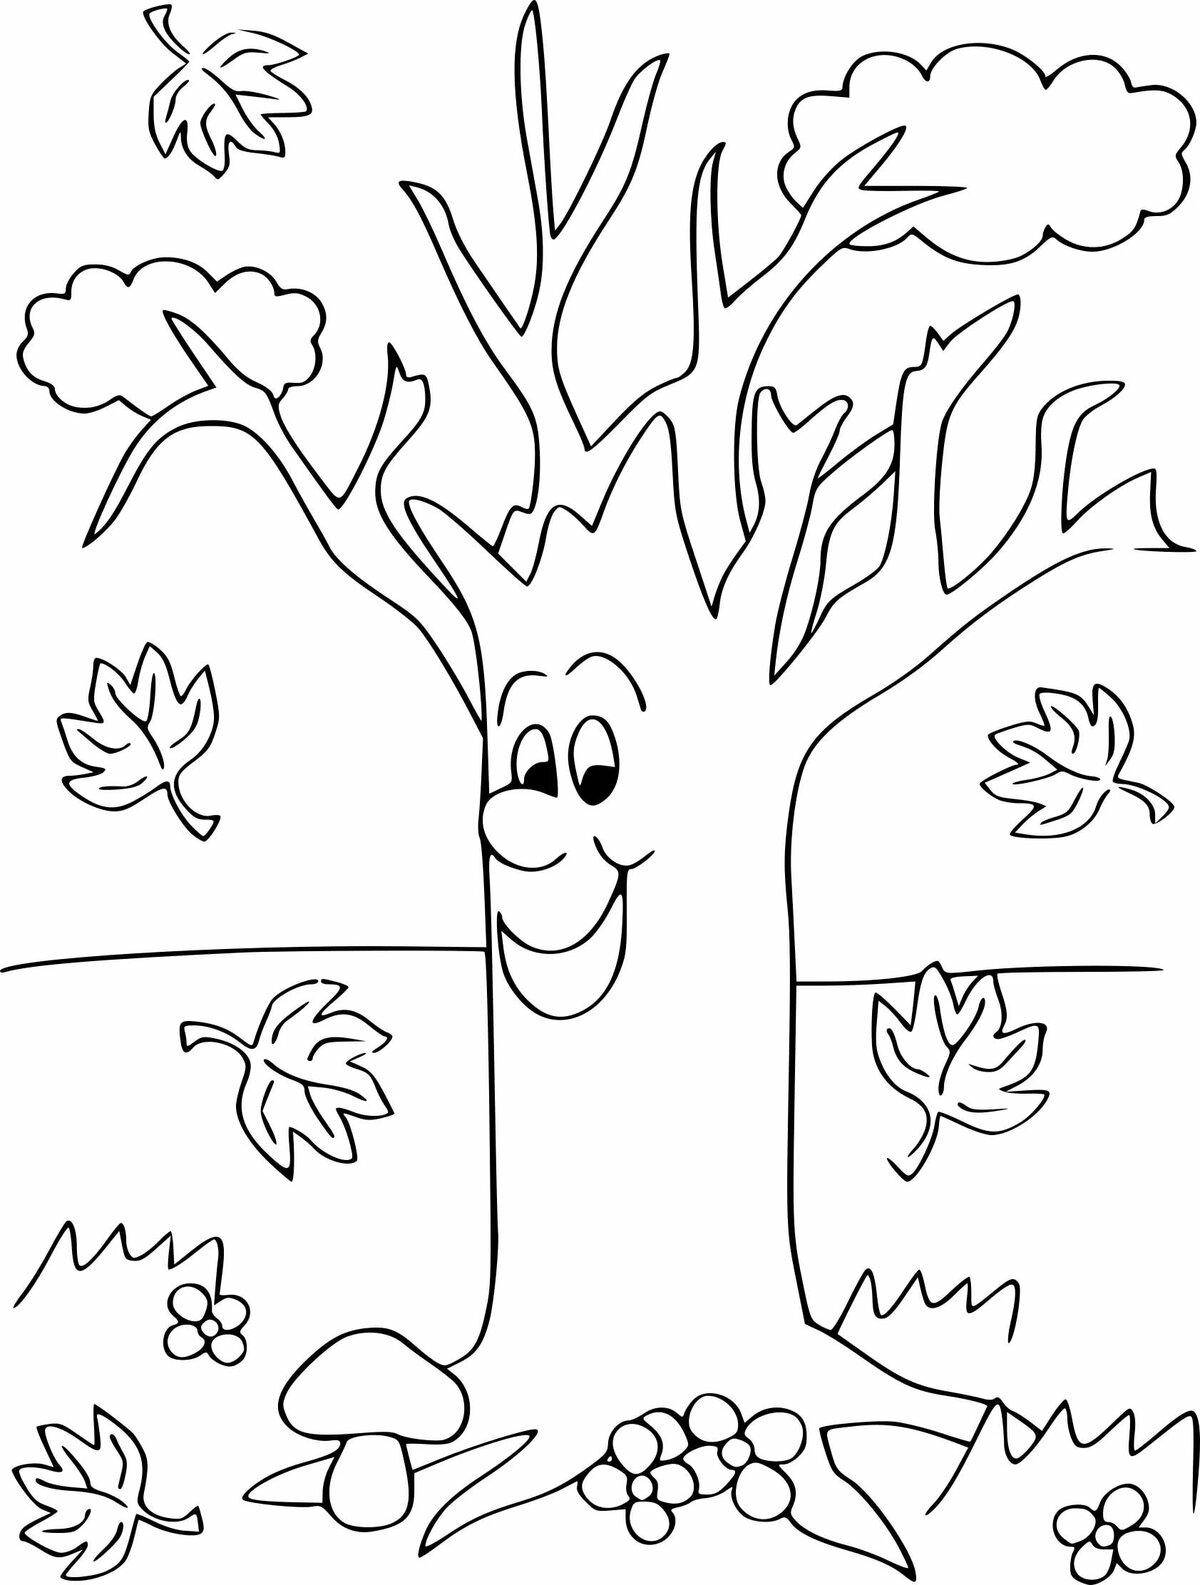 Детская раскраски про осень, открытка спасибо